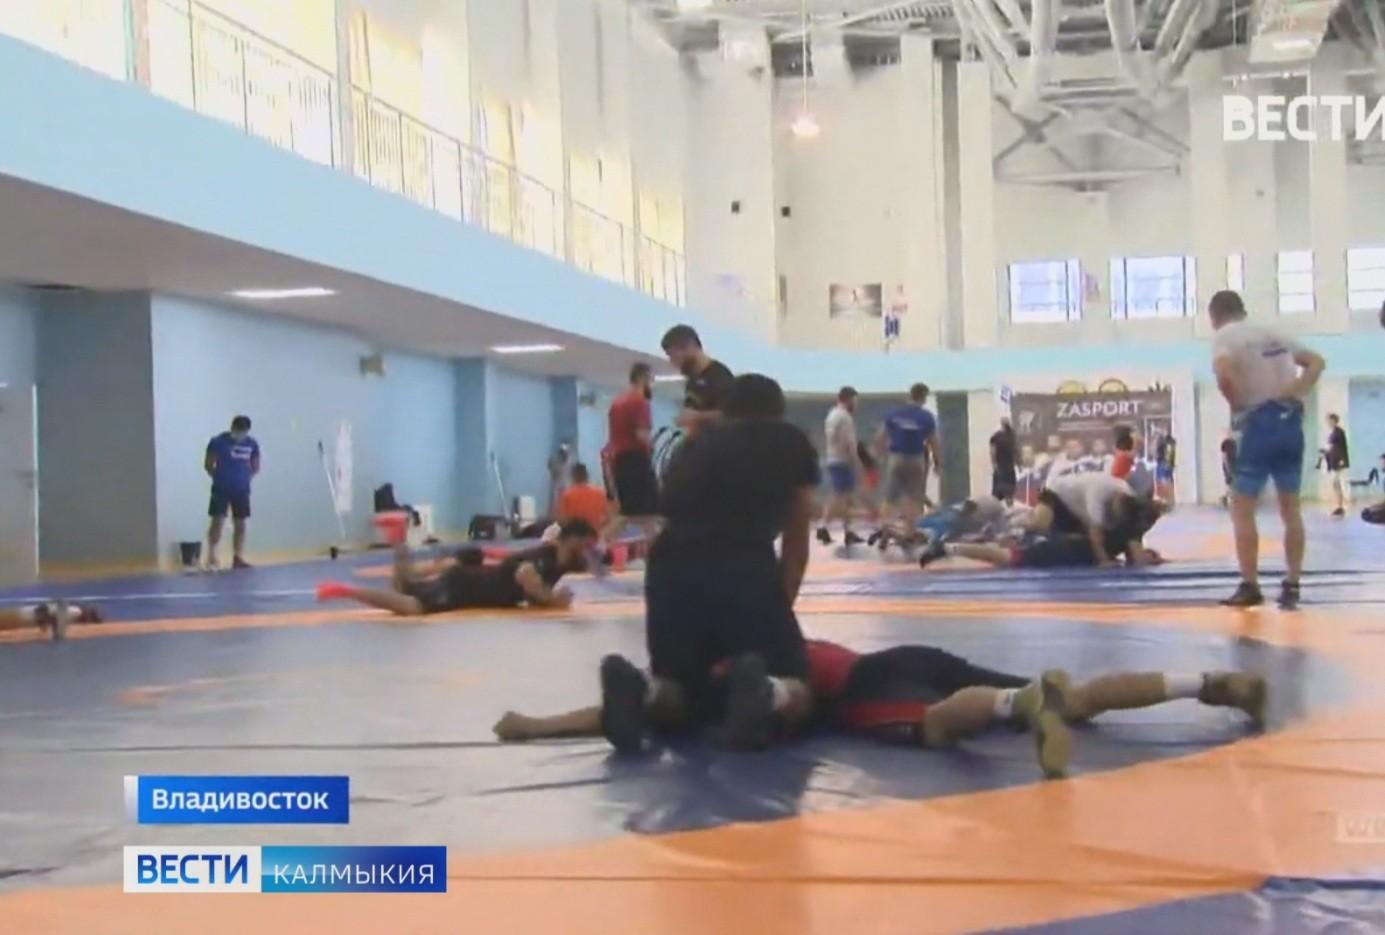 Сегодня в Токио отправилась команда России по греко-римской борьбе